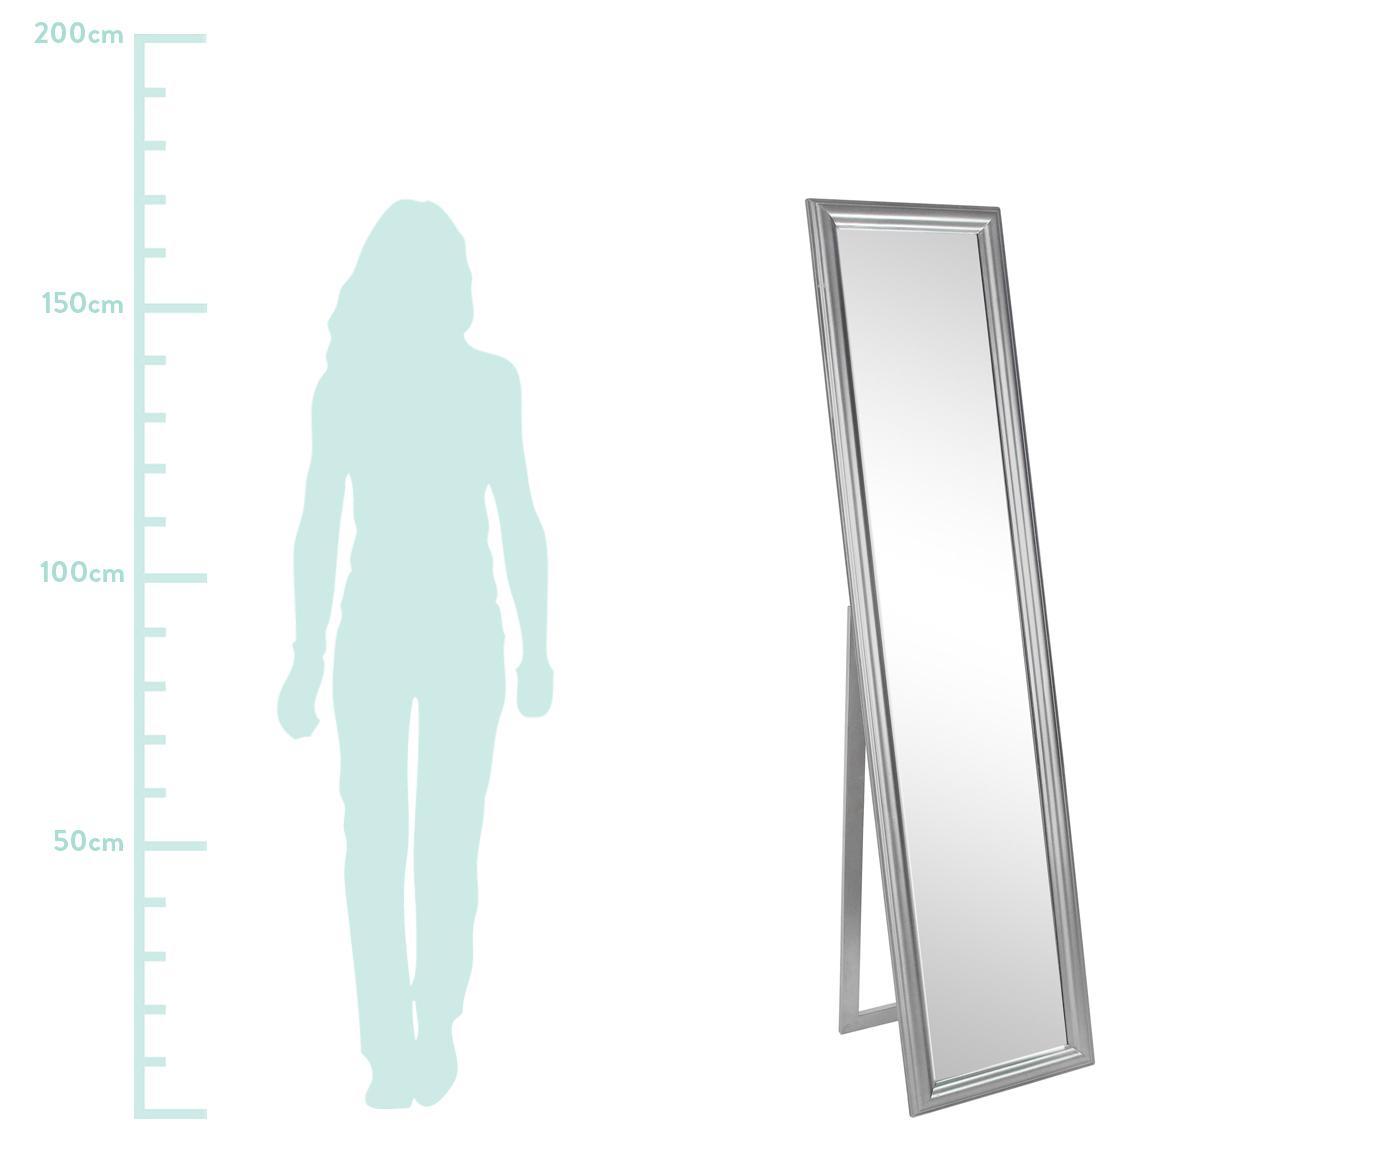 Standspiegel Sanzio mit silbernem Rahmen, Rahmen: Holz, beschichtet, Spiegelfläche: Spiegelglas, Silberfarben, 40 x 170 cm